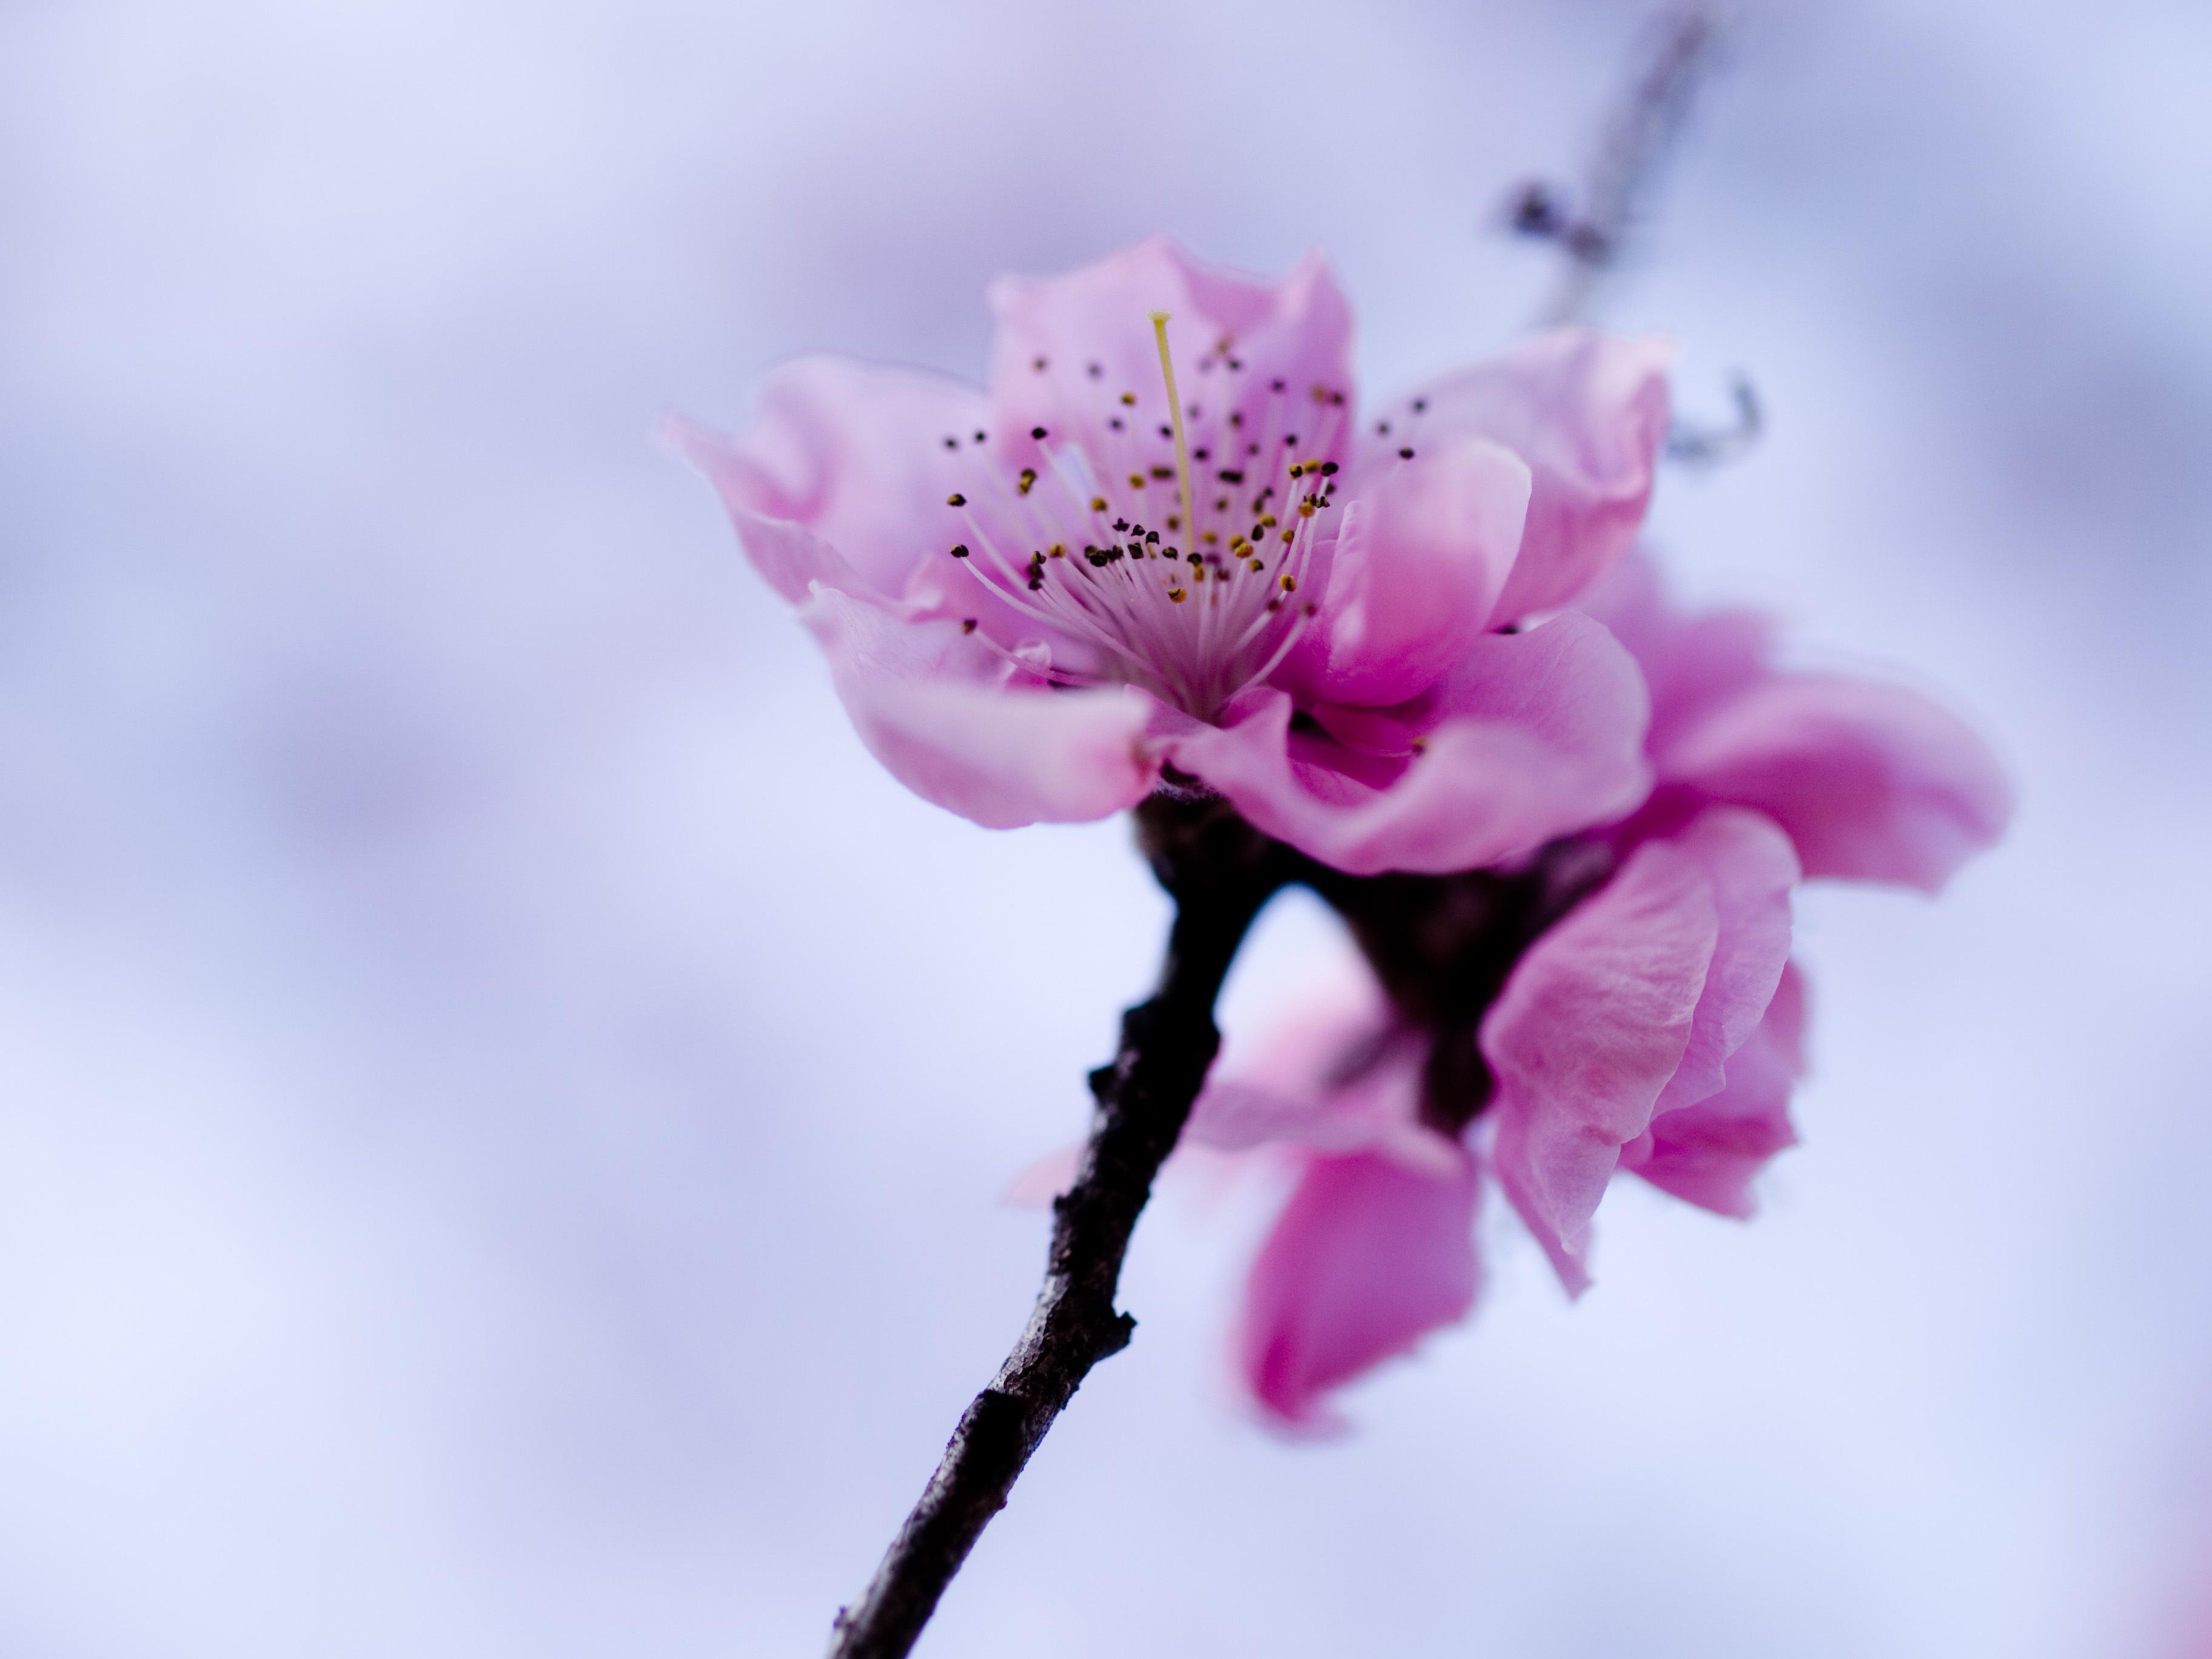 лечения весна картинки красивые розовые большинстве случаев